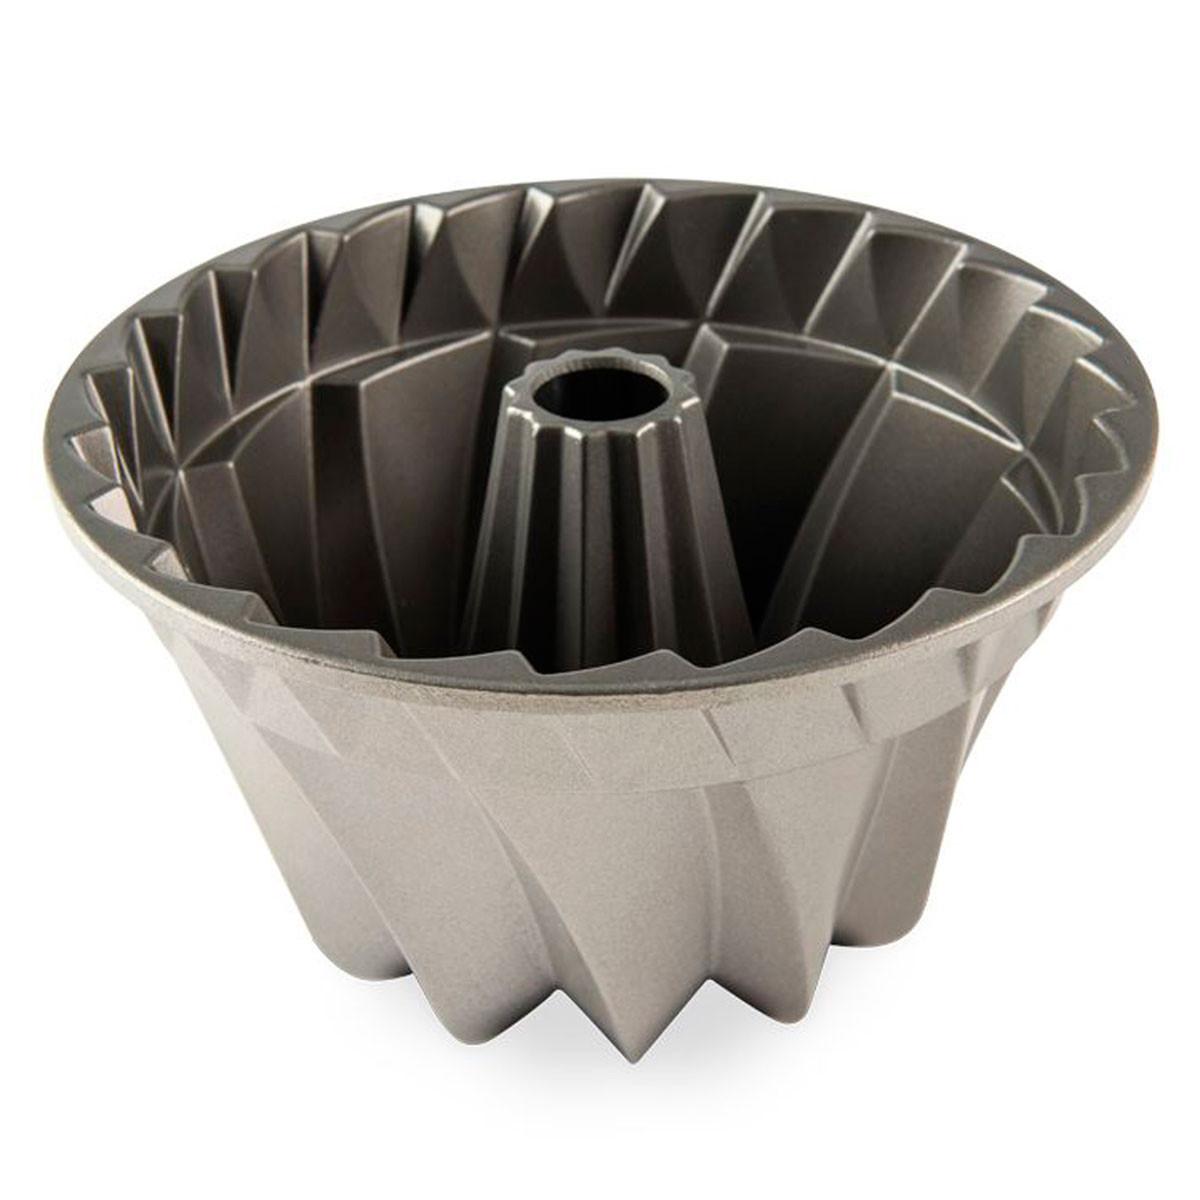 Forma Para Bolo Nordic Ware Kugelhopf Pan